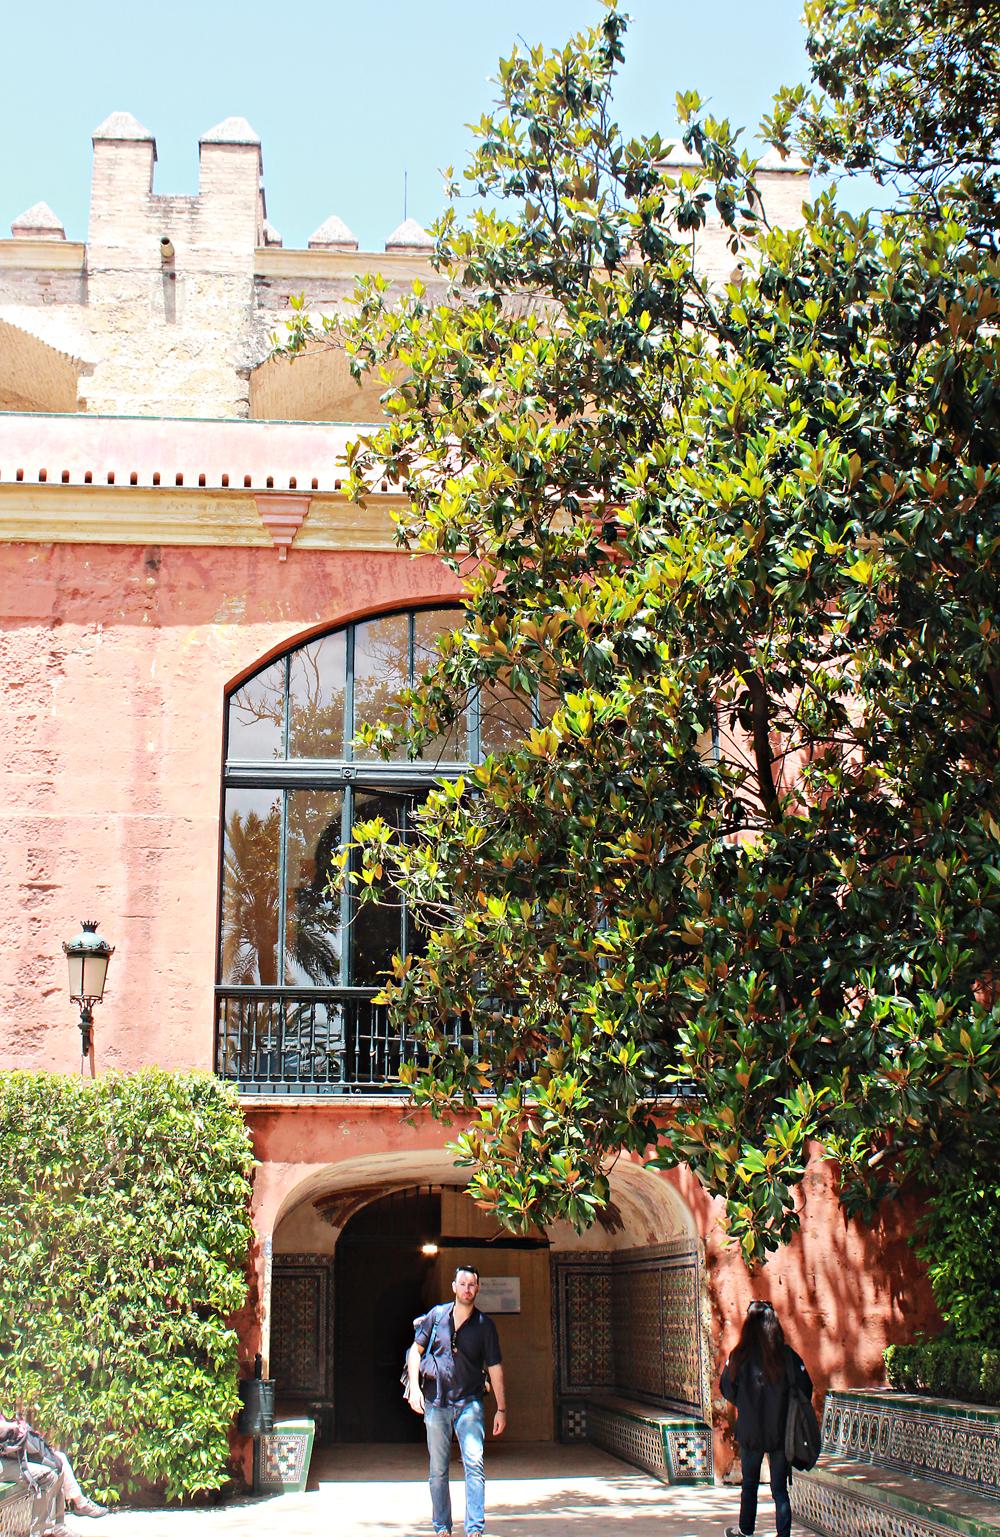 Alcázar Palace of Seville - Οδηγός πόλης για την Σεβίλλη  (10).jpg